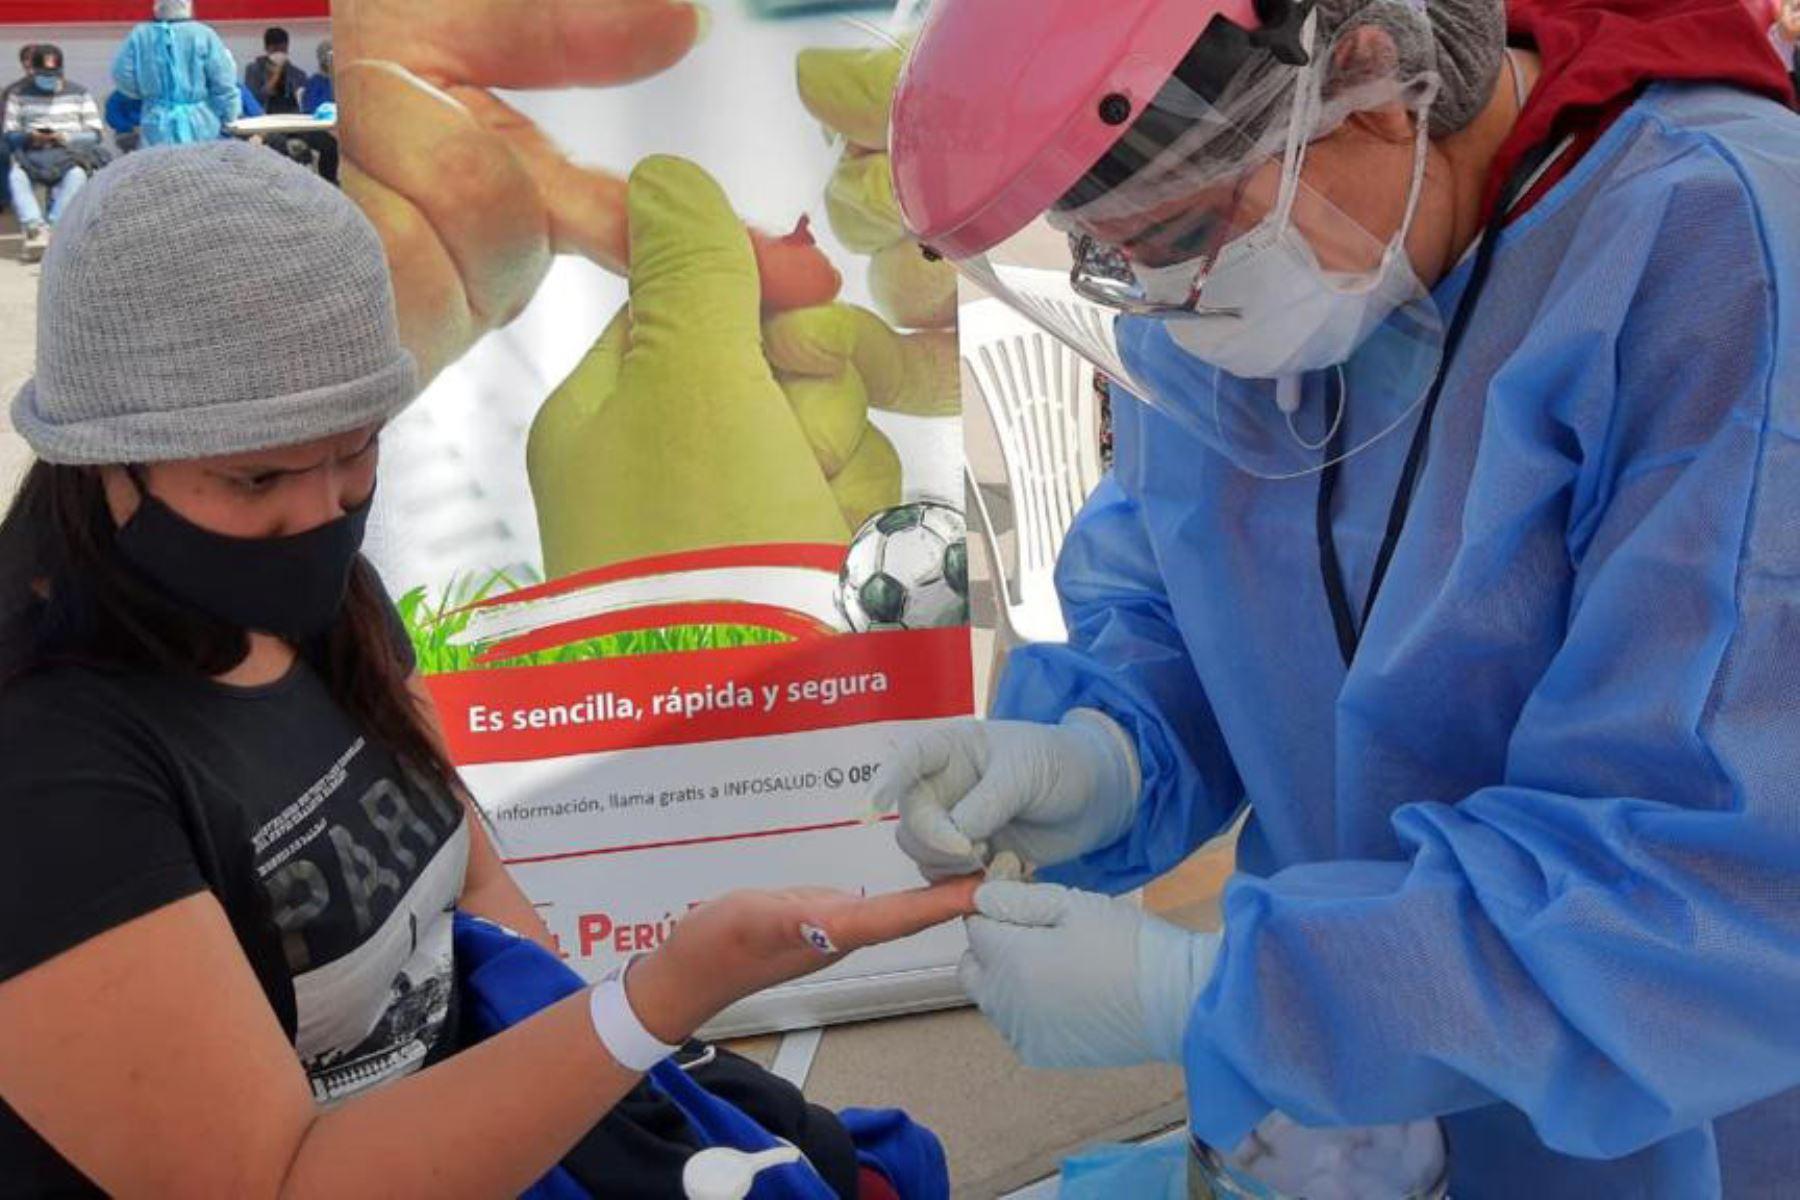 Perú tiene una alta cobertura de tratamiento, llega al 80 % de las personas que viven con el virus del VIH/sida. Foto: ANDINA/Minsa.